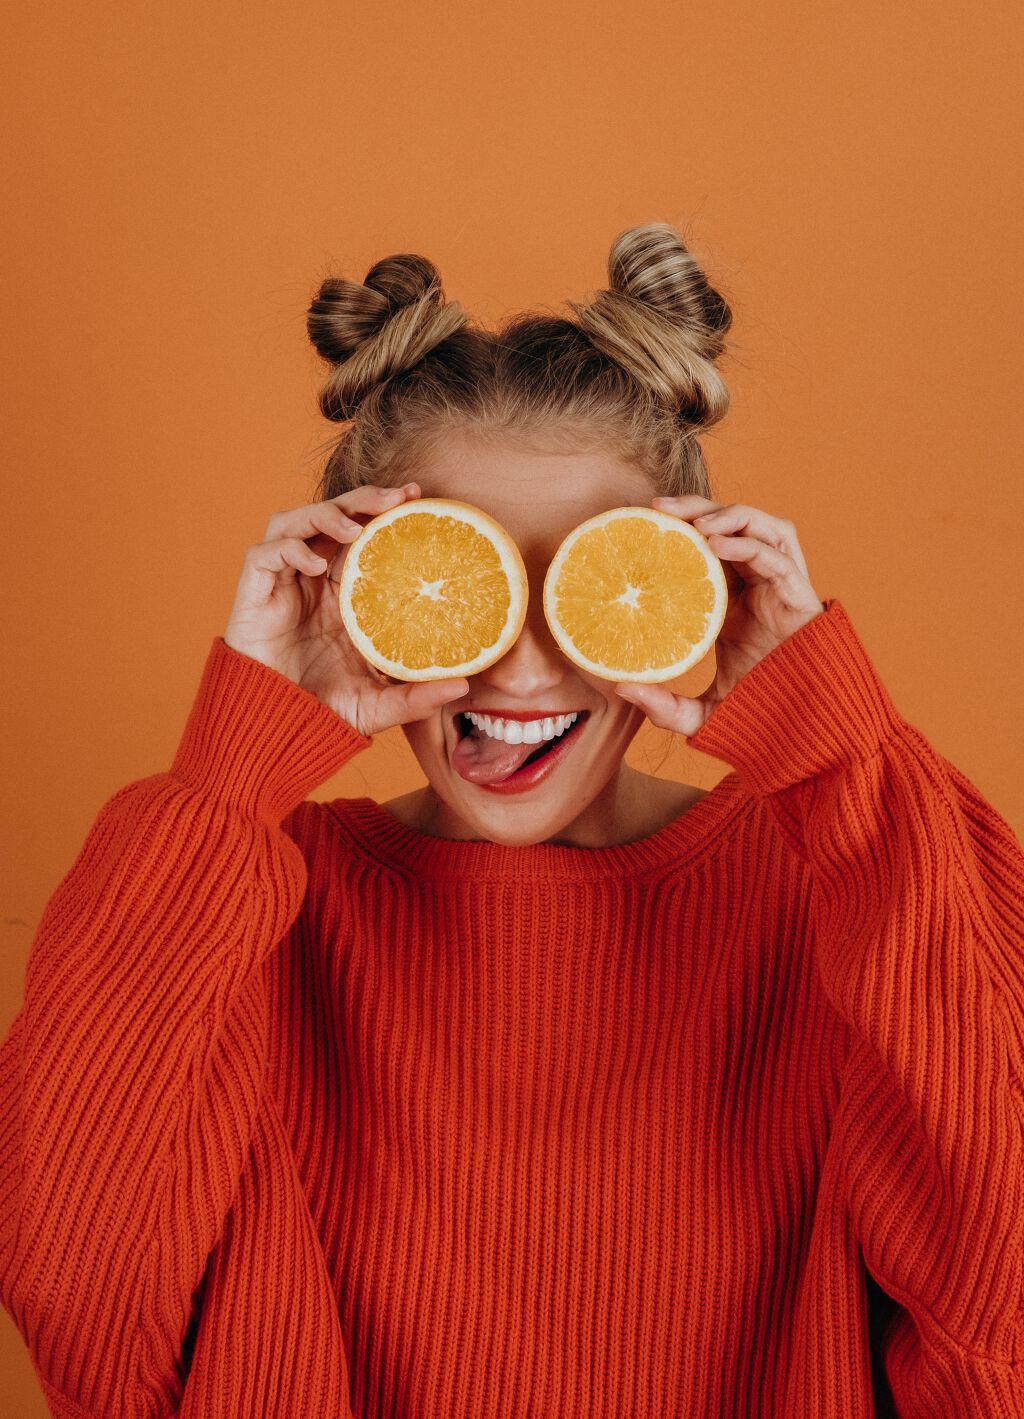 【完全版】オレンジメイクのやり方&おすすめプチプラコスメ|おしゃれの秘密はオレンジにあり!の画像